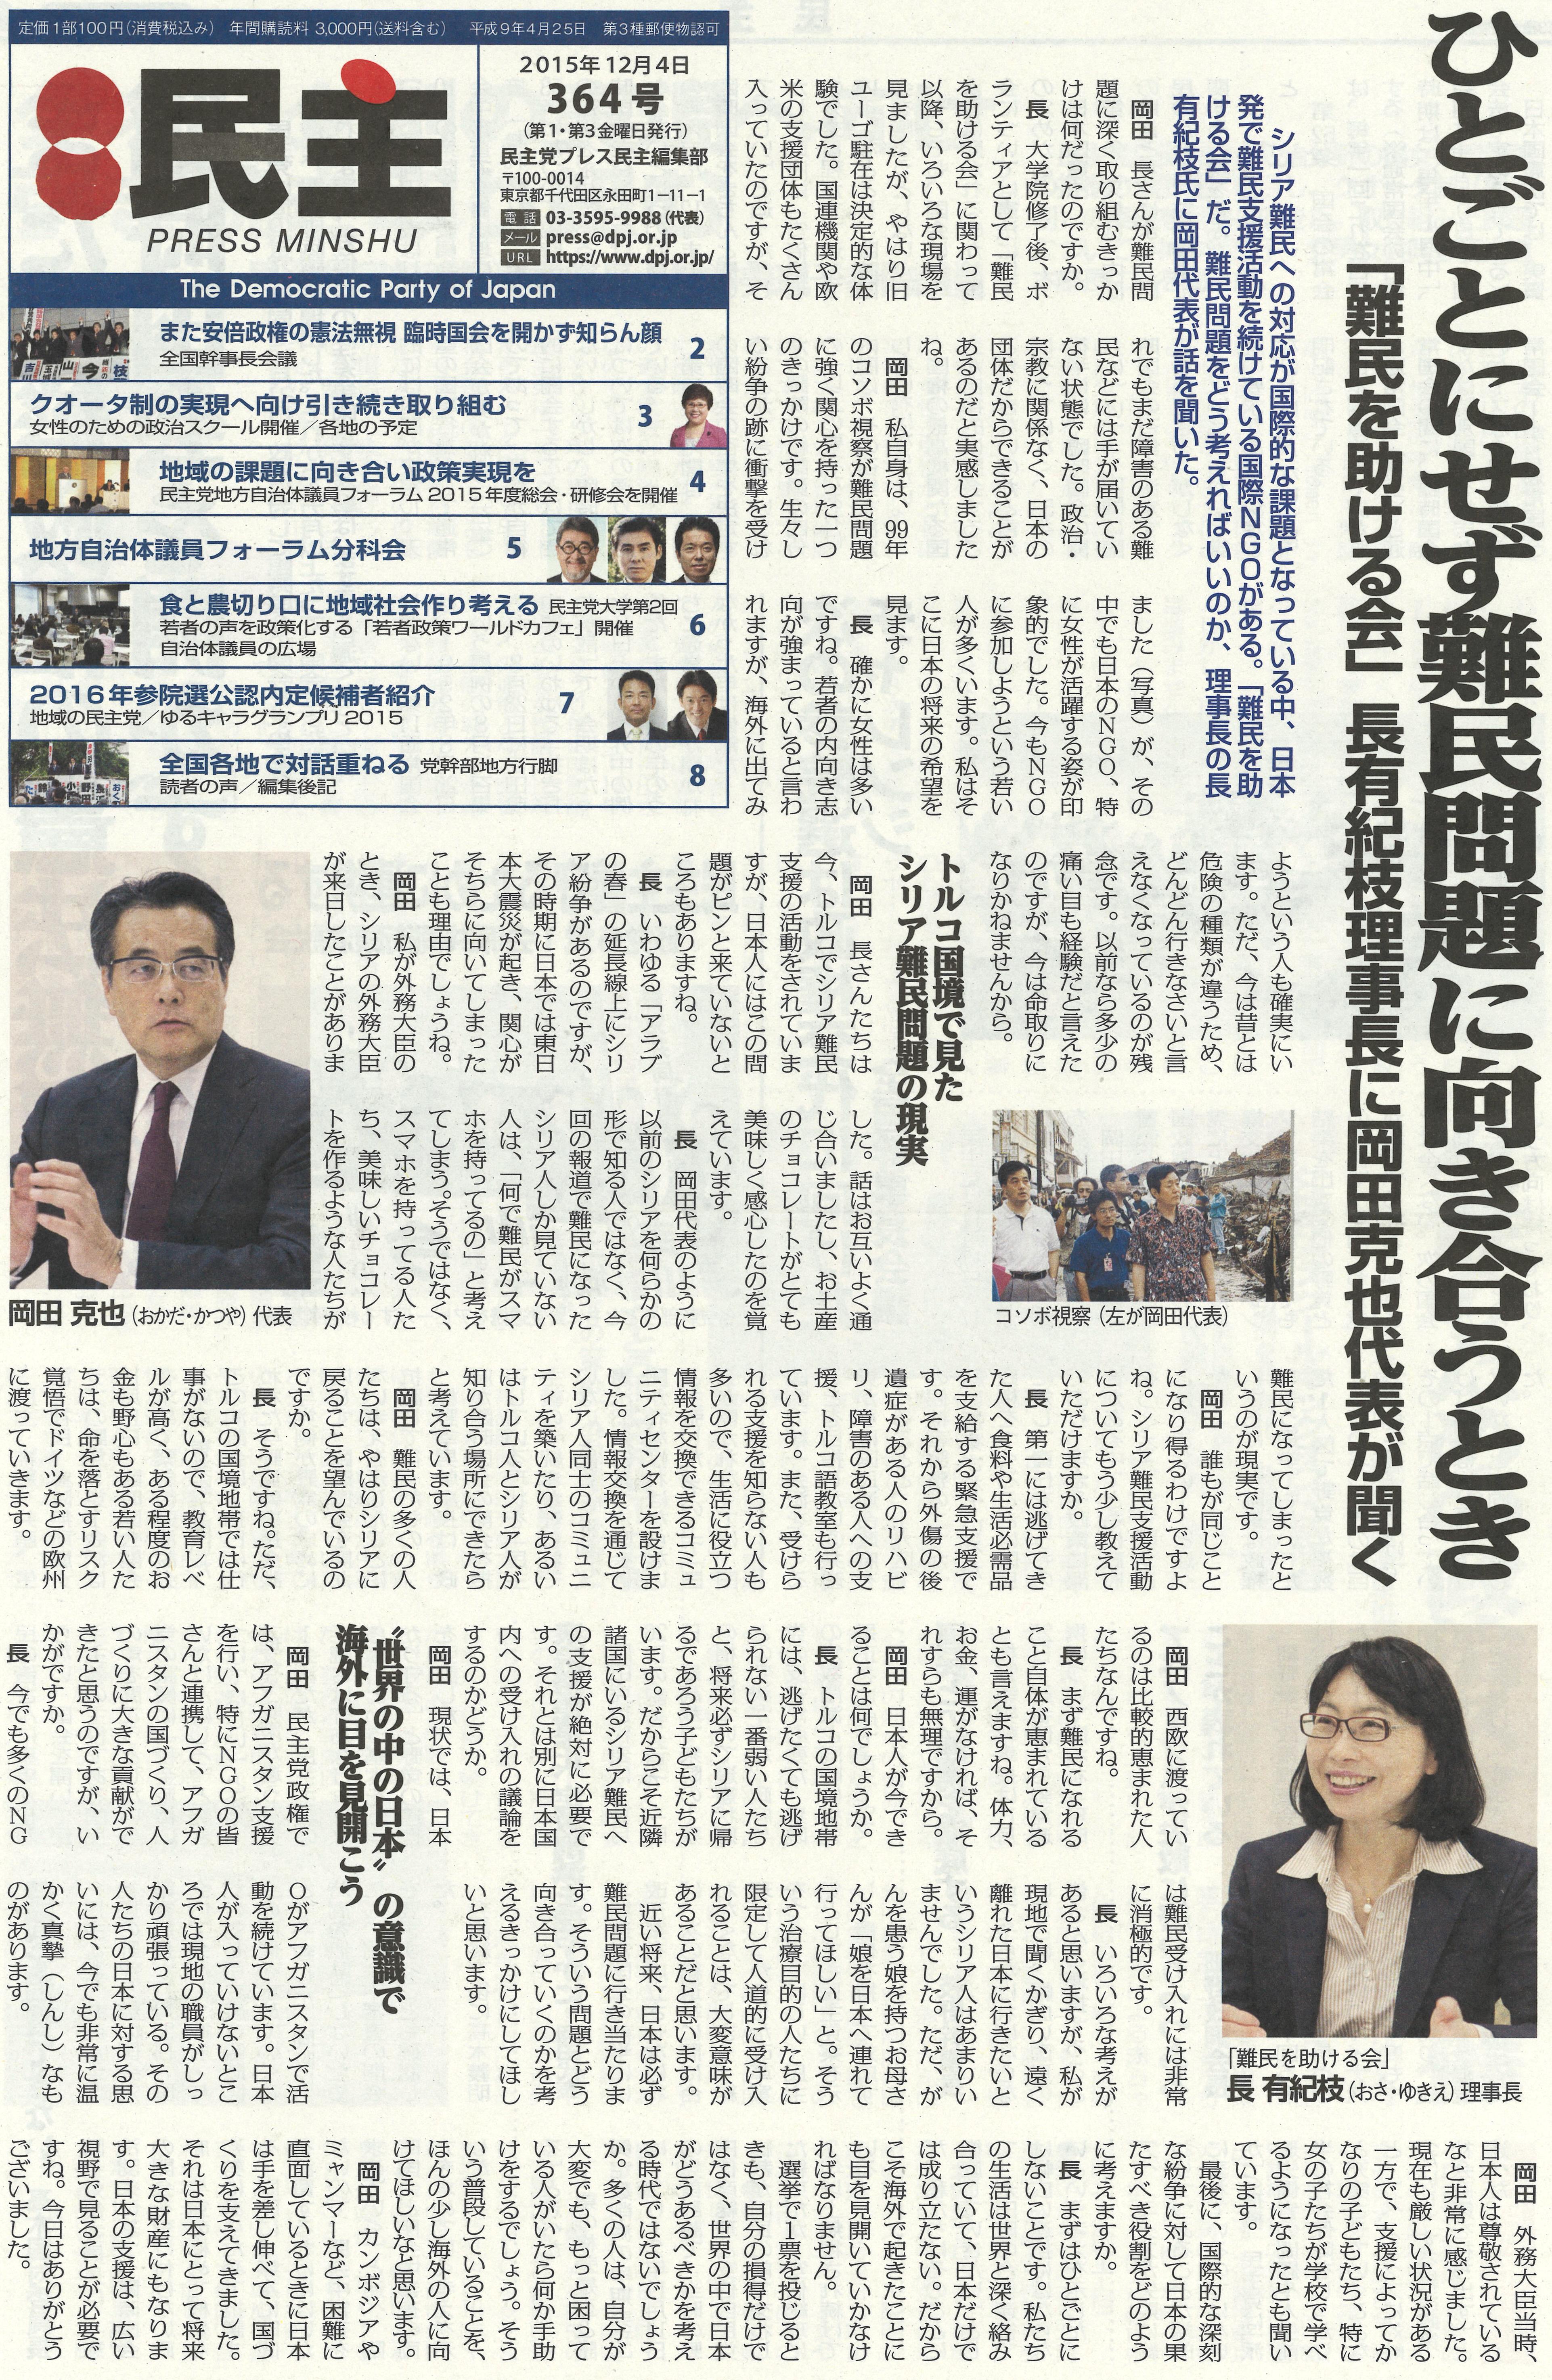 【プレス民主(364号)】岡田代表と難民を助ける会の長理事長の対談